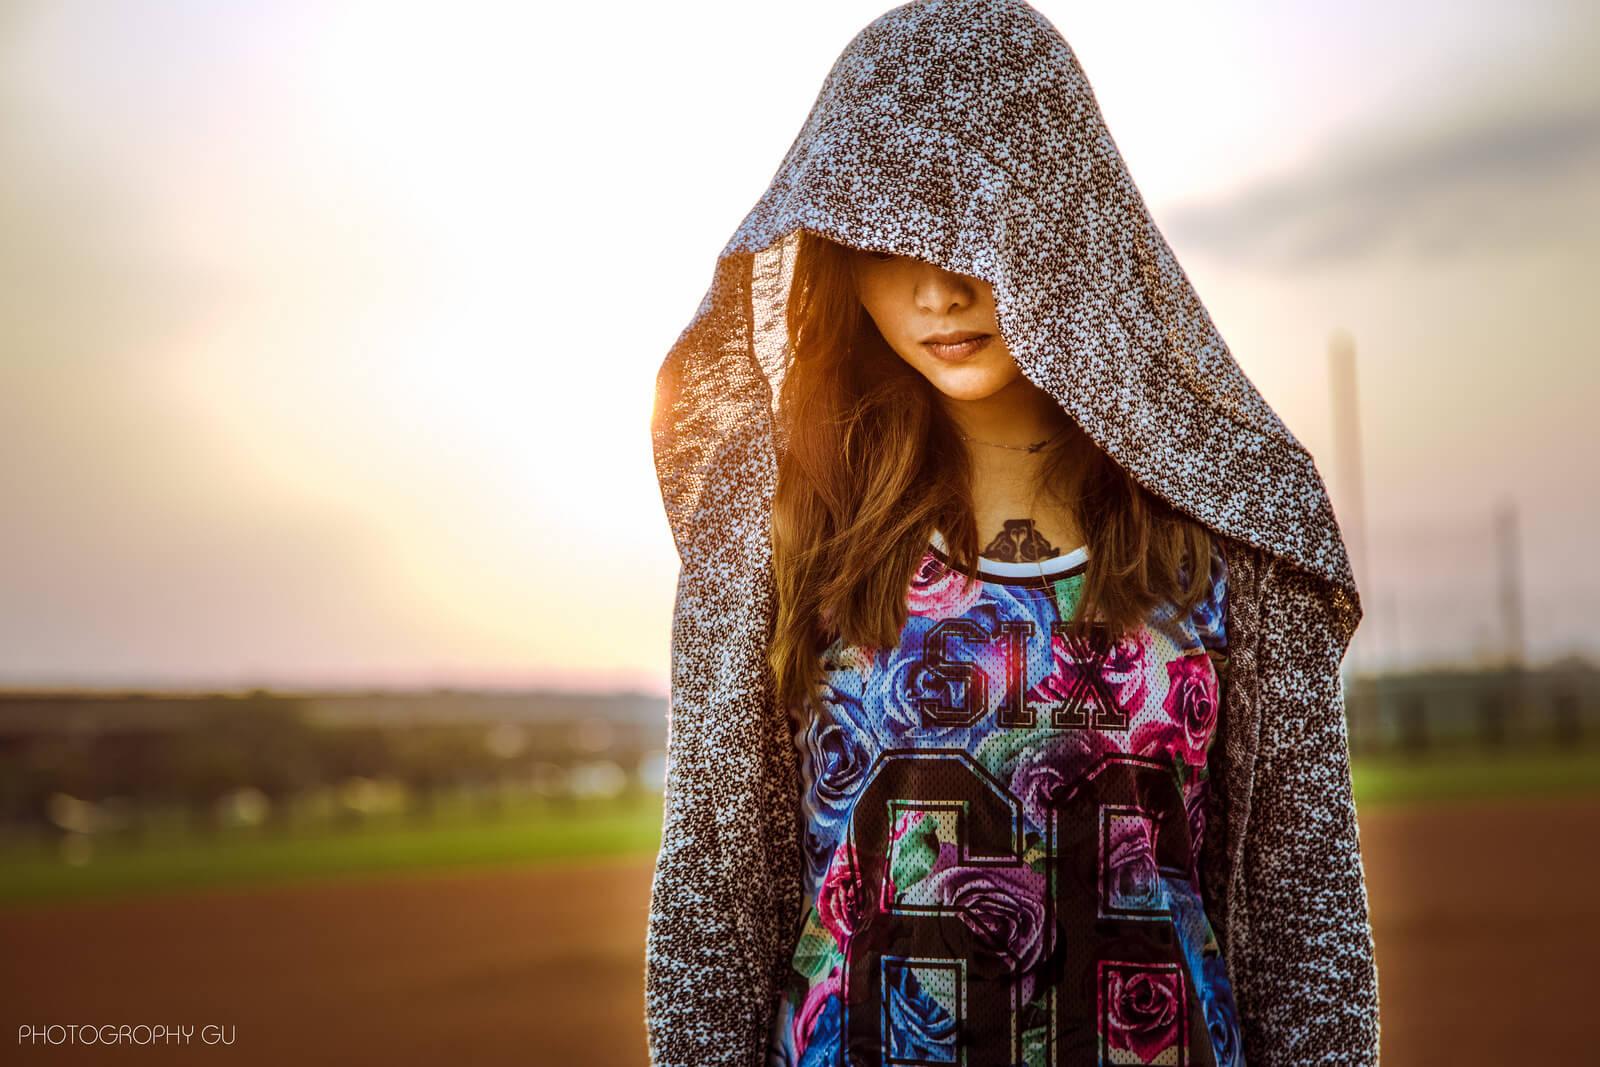 Performanța la copii – ce se poate ascunde în spatele ei?